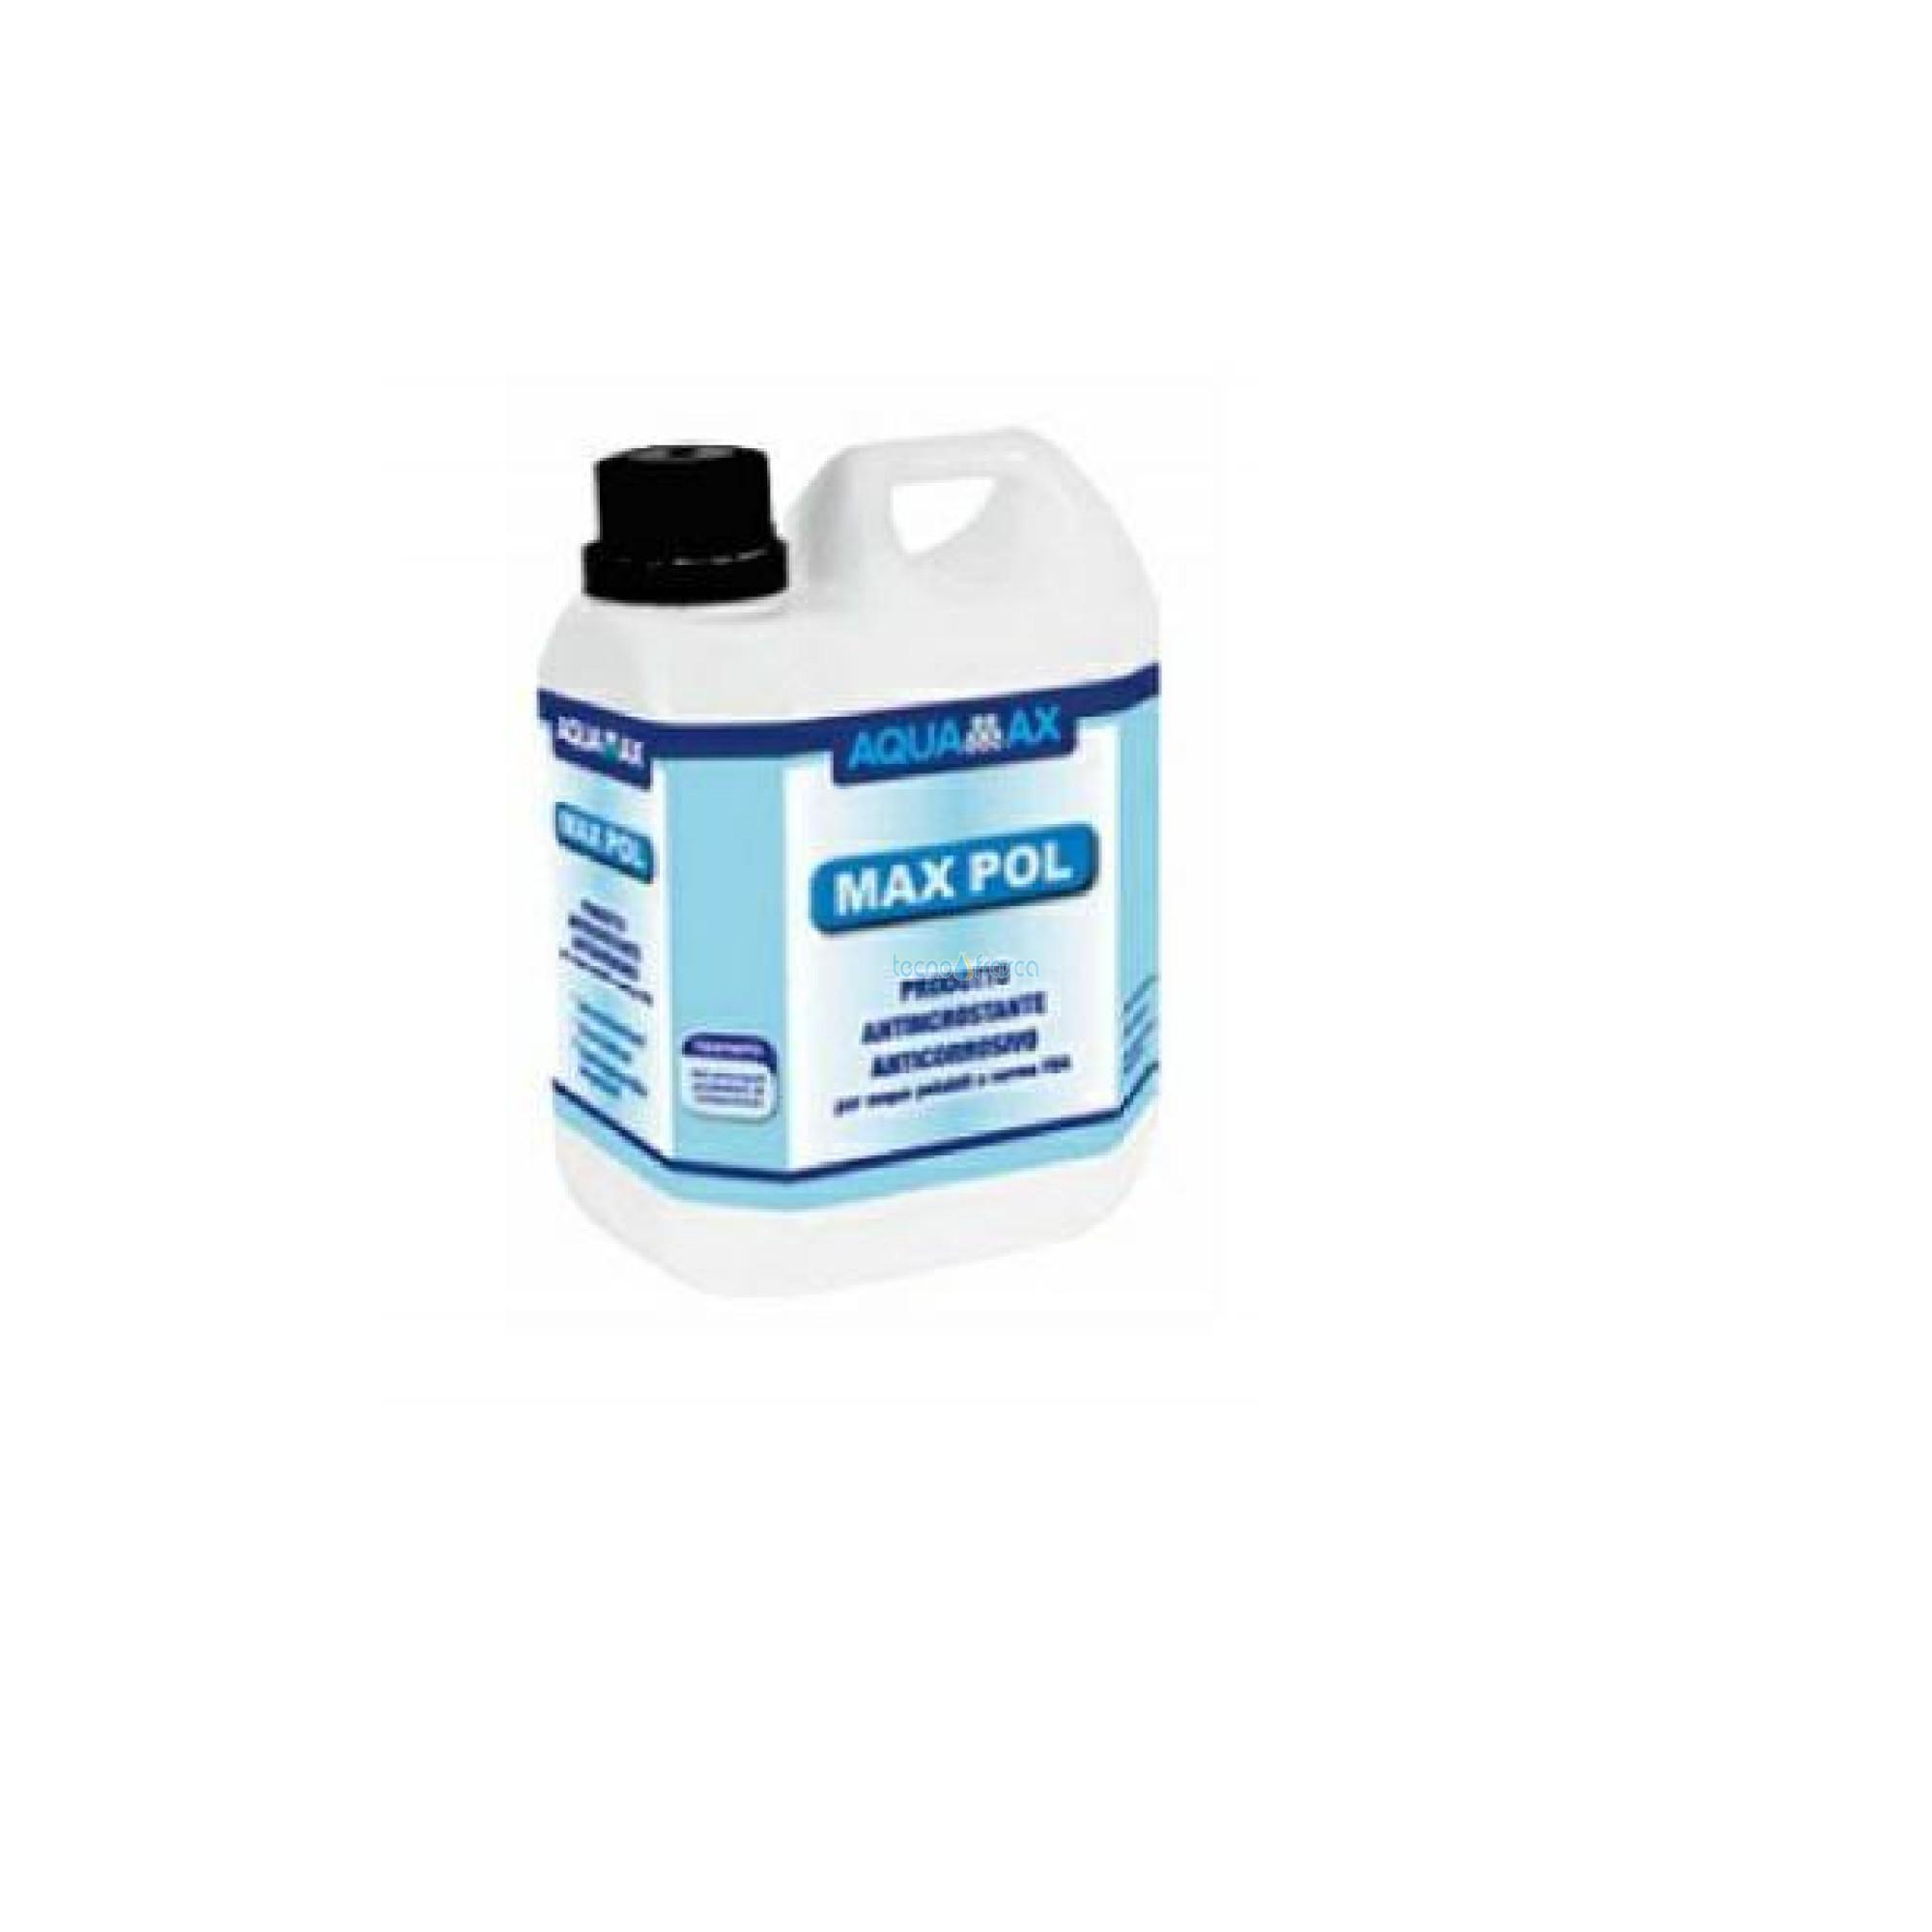 Maxi poly ricarica polifosfati liquido per pompa dosatrice